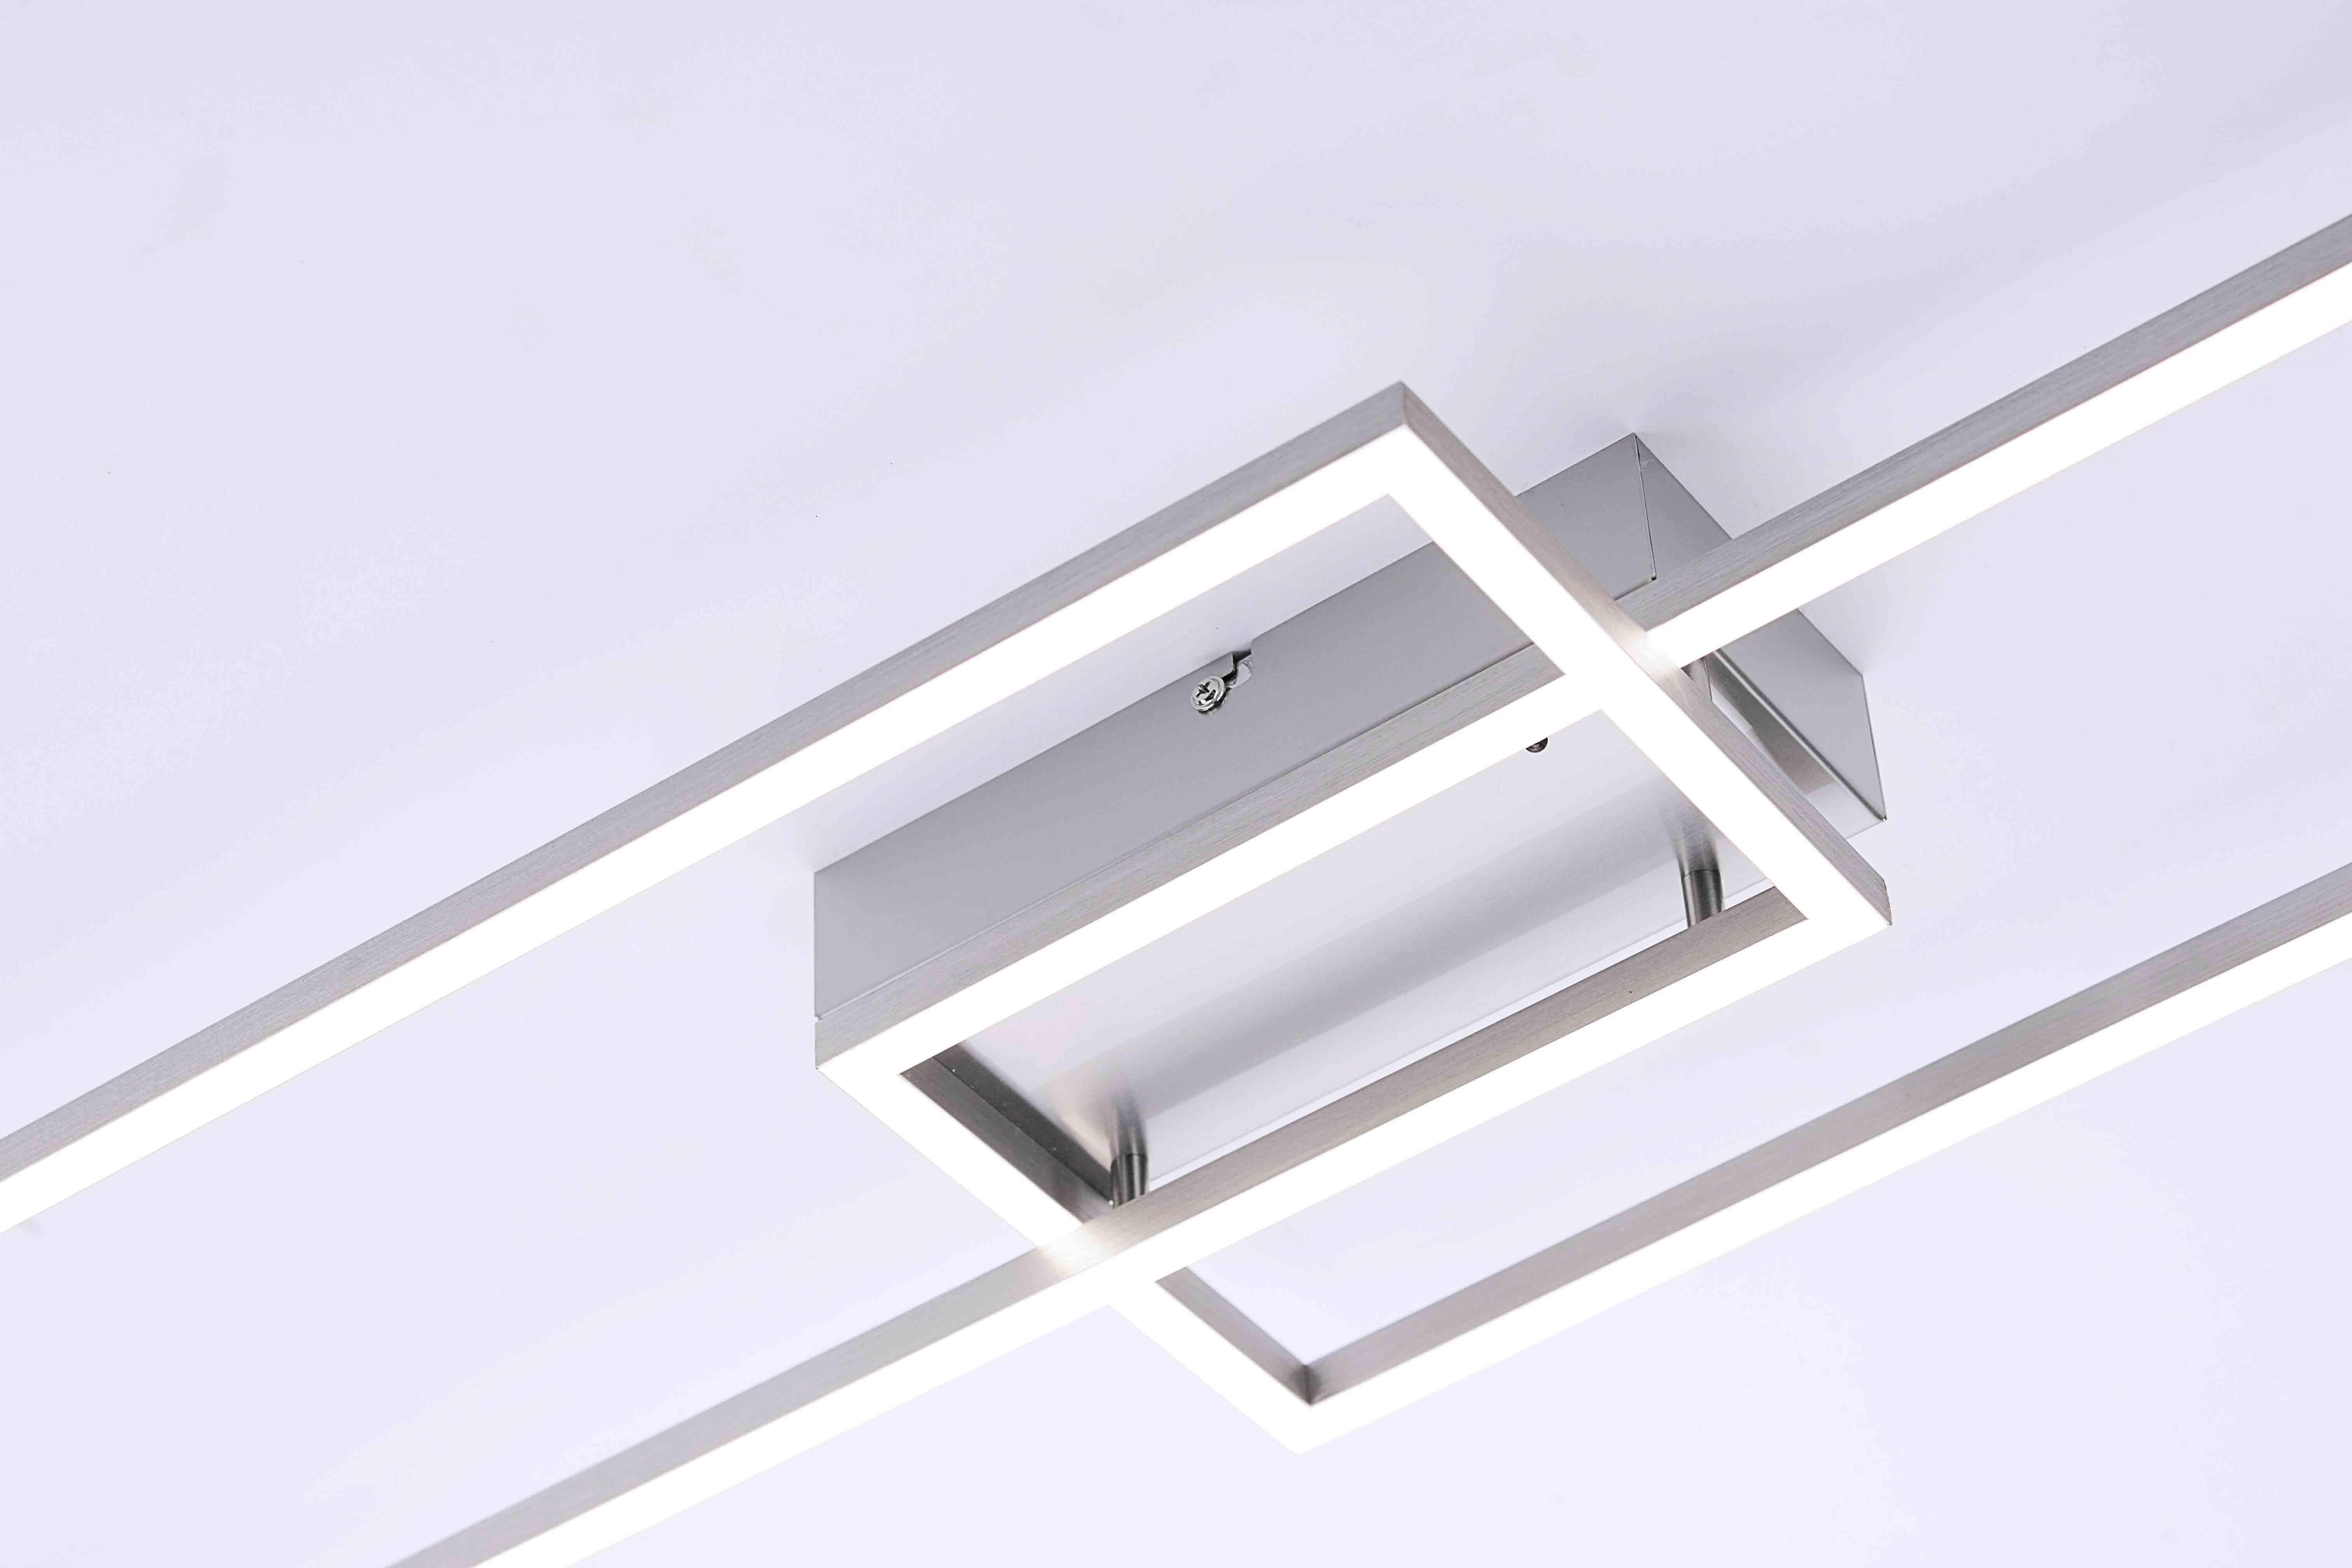 LED Deckenleuchte stahlfarben in geometrischer Form und modernem Design mit Farbtemperatursteuerung